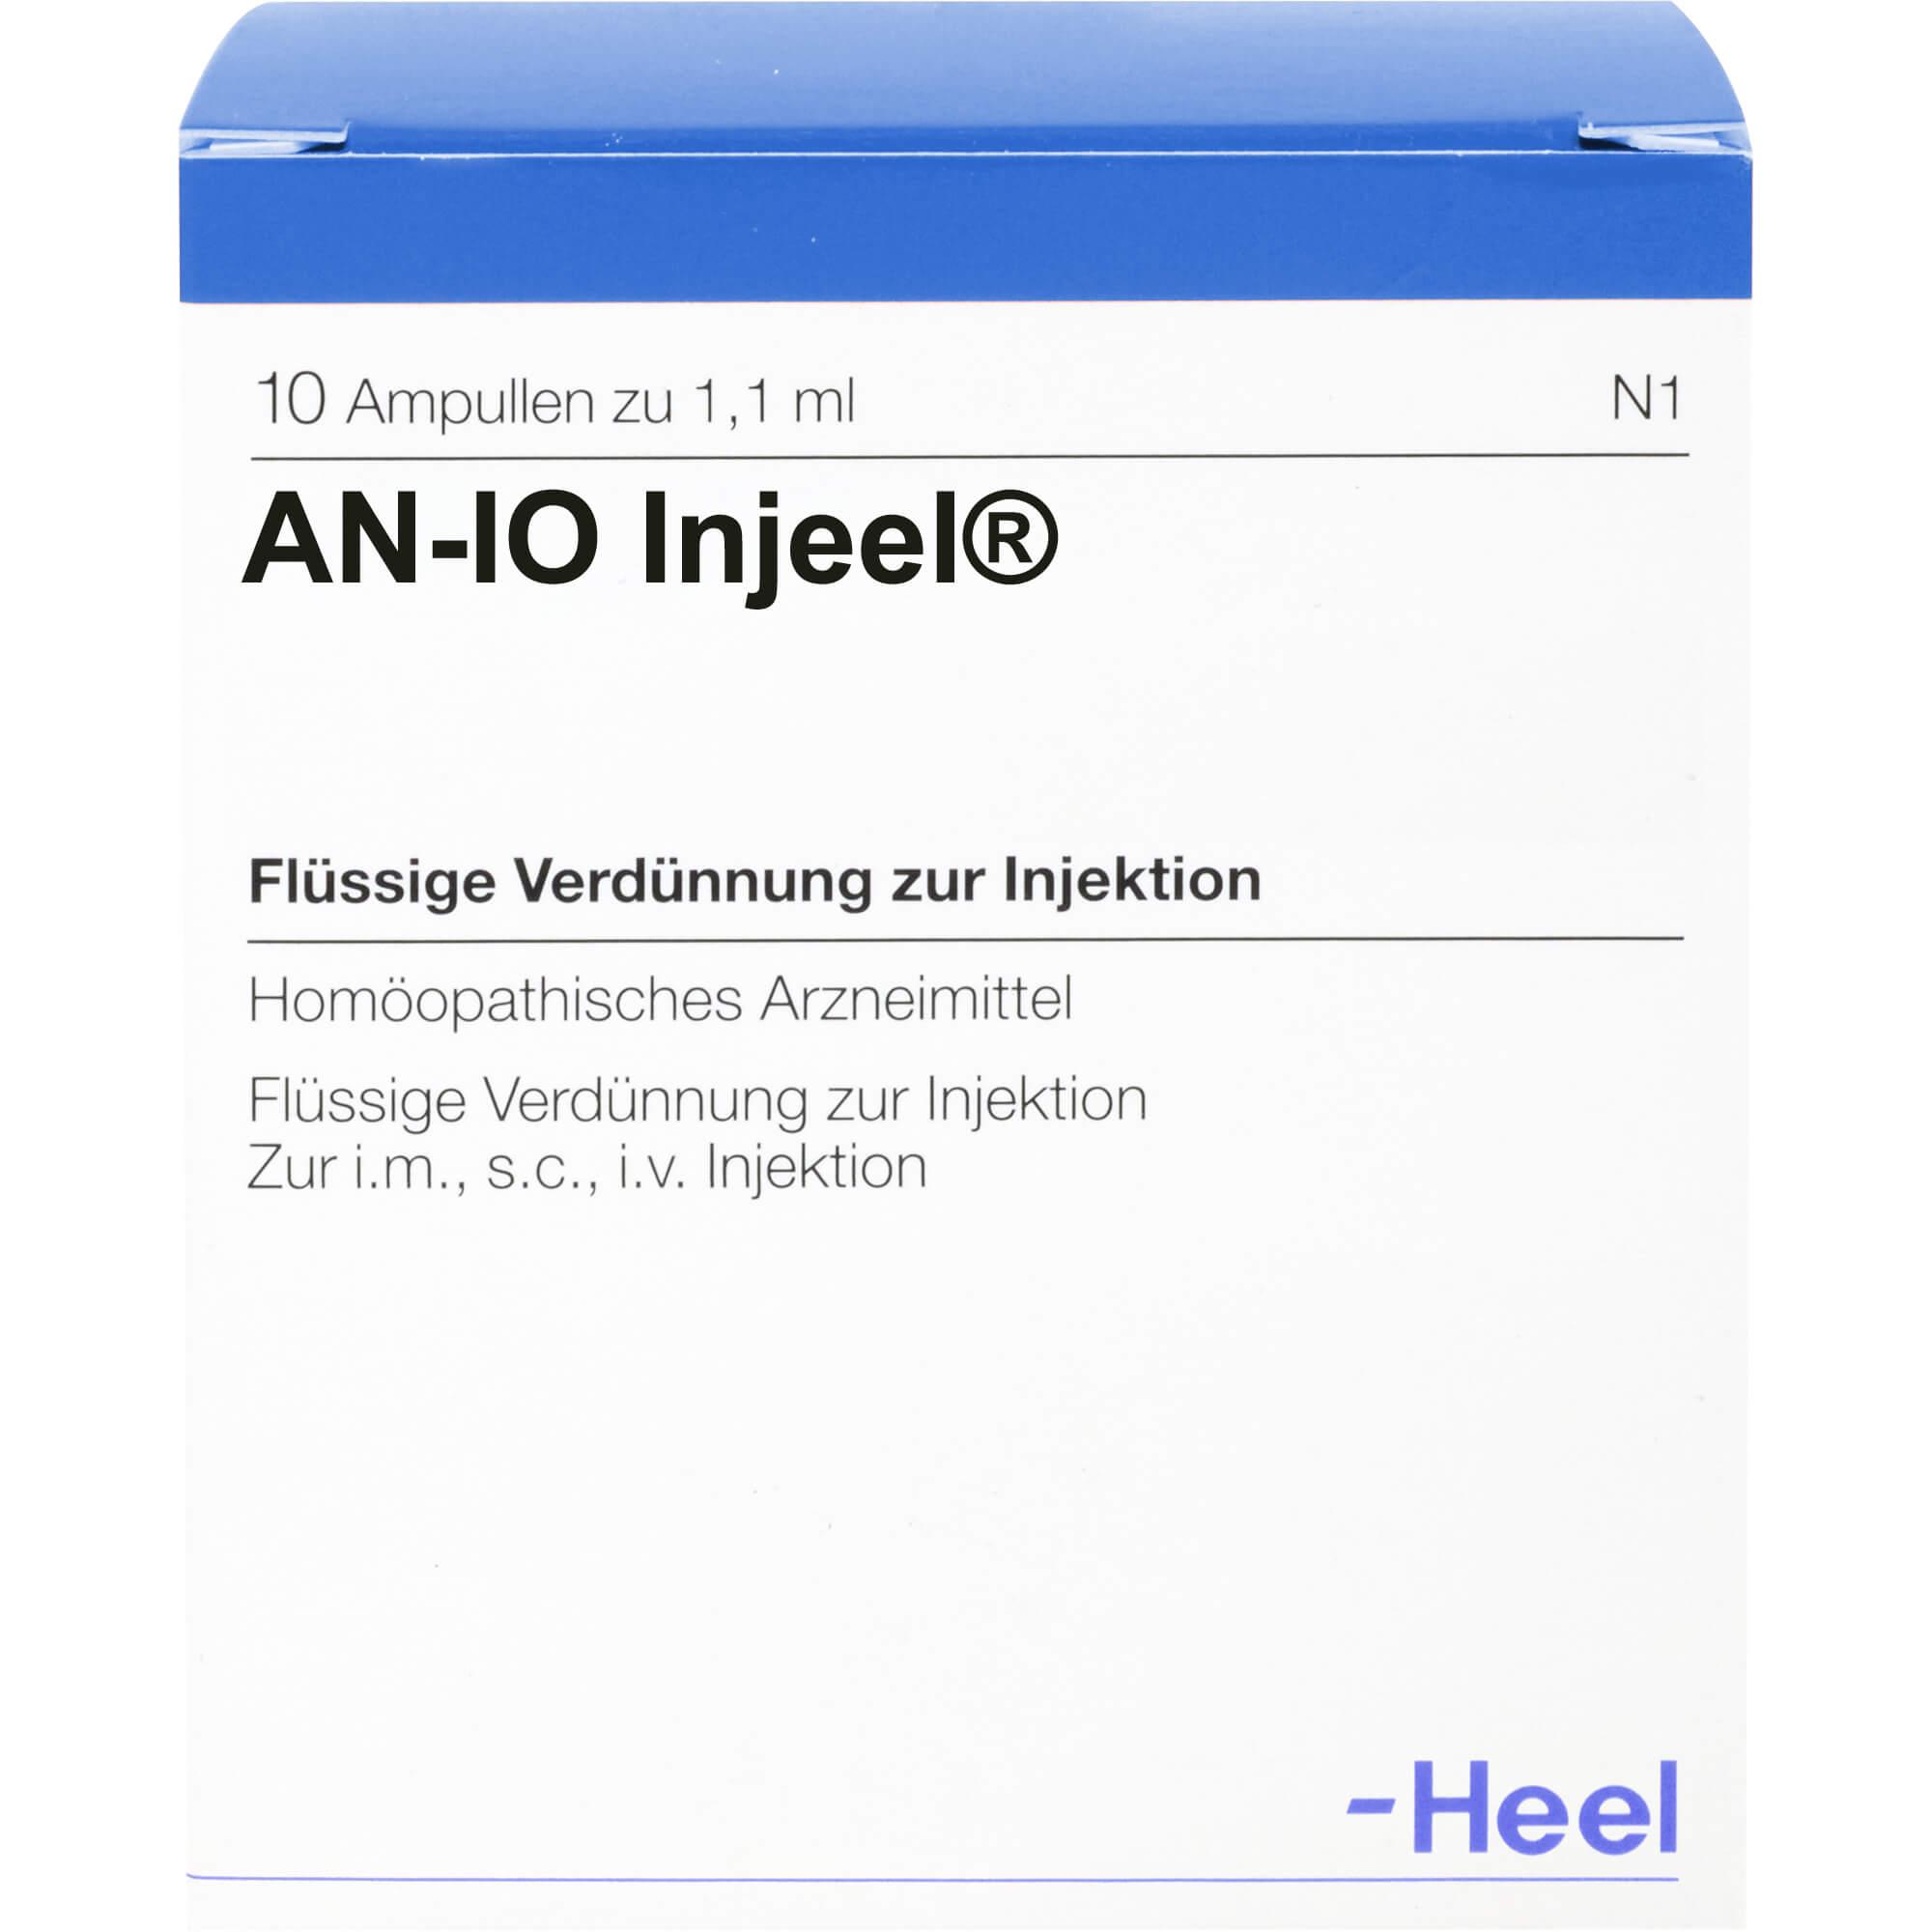 AN-IO-Injeel-Ampullen